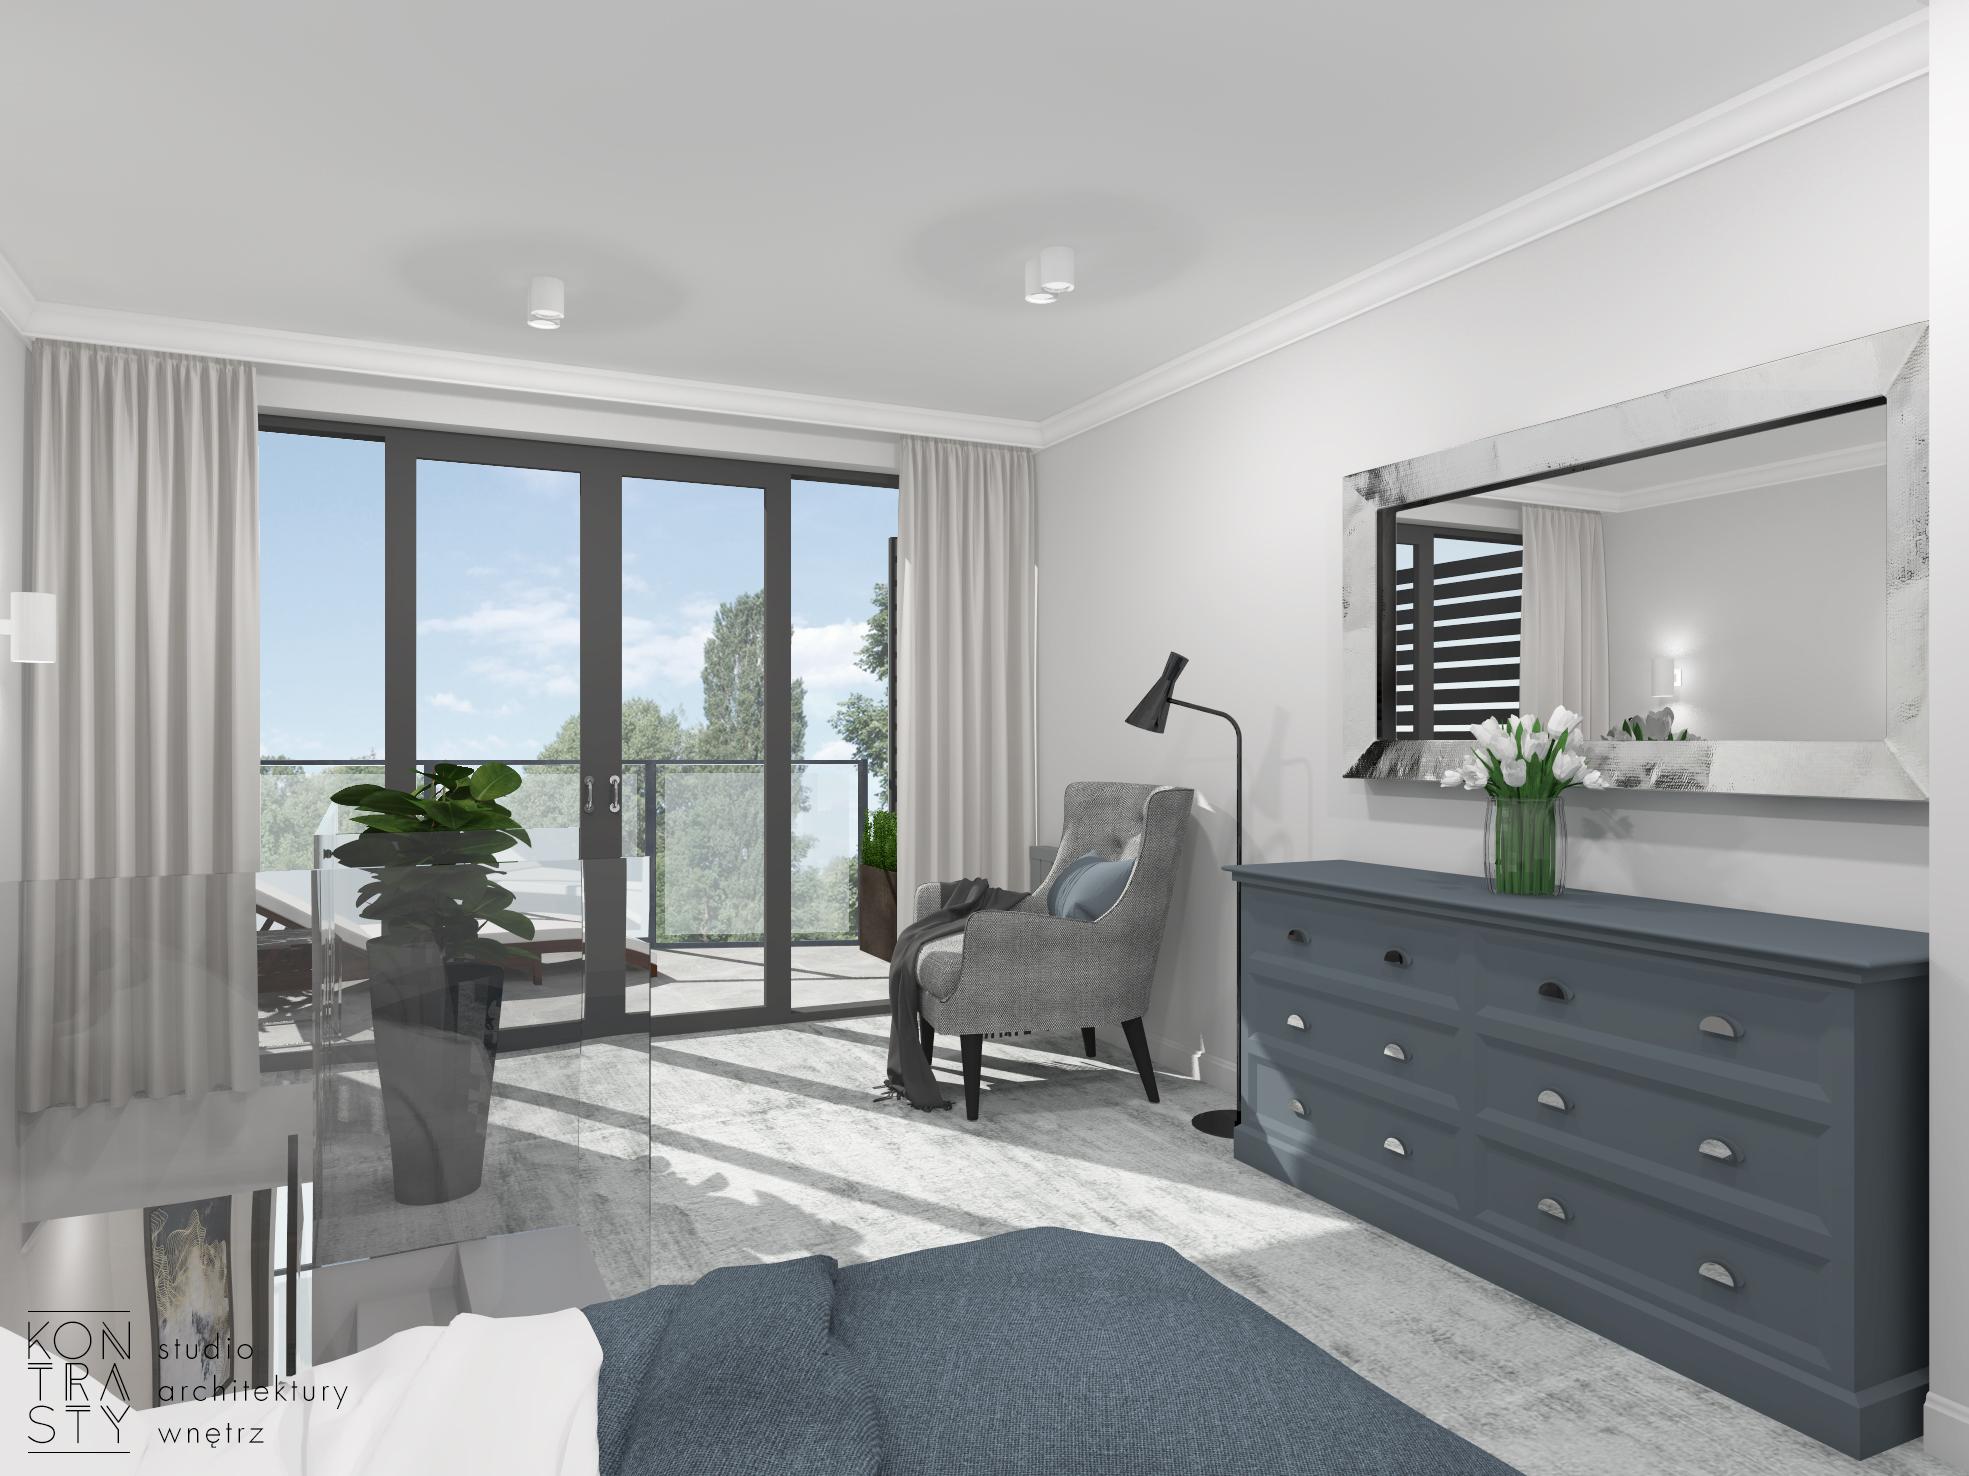 Apartament z widokiem na morze w nowej inwestycji-ApartPark